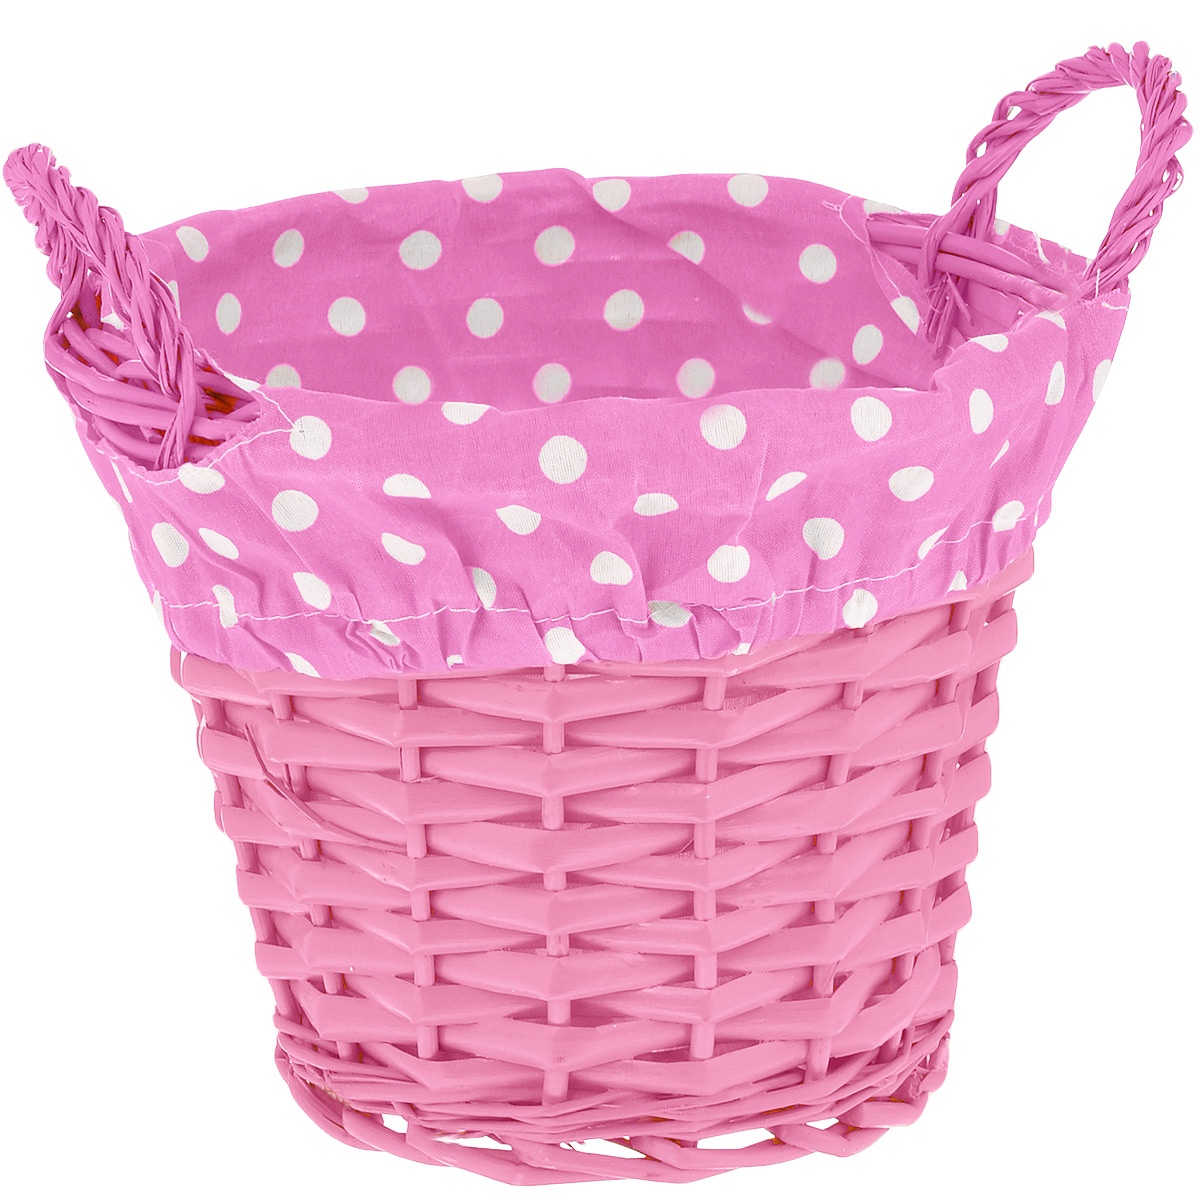 Корзинка Home Queen Домашняя, цвет: розовый, 20 х 15 см66837_6Круглая корзинка Home Queen Домашняя предназначена для хранения различных мелочей и сервировки стола. Изделие выполнено из плетеных прутьев ивы, внутренняя поверхность обтянута подкладкой из полиэстера с принтом в мелкий горошек. Корзинка оснащена двумя плетеными ручками. Имеет жесткую форму, прекрасно подходит для хранения и переноски пищевых продуктов. Такая оригинальная корзинка станет ярким украшением стола. Идеальный вариант для хранения пасхальных яиц, куличей или хлеба. Текстильная подкладка легко снимается. Диаметр корзинки: 20 см. Высота корзинки: 15 см. Высота ручек: 5 см.